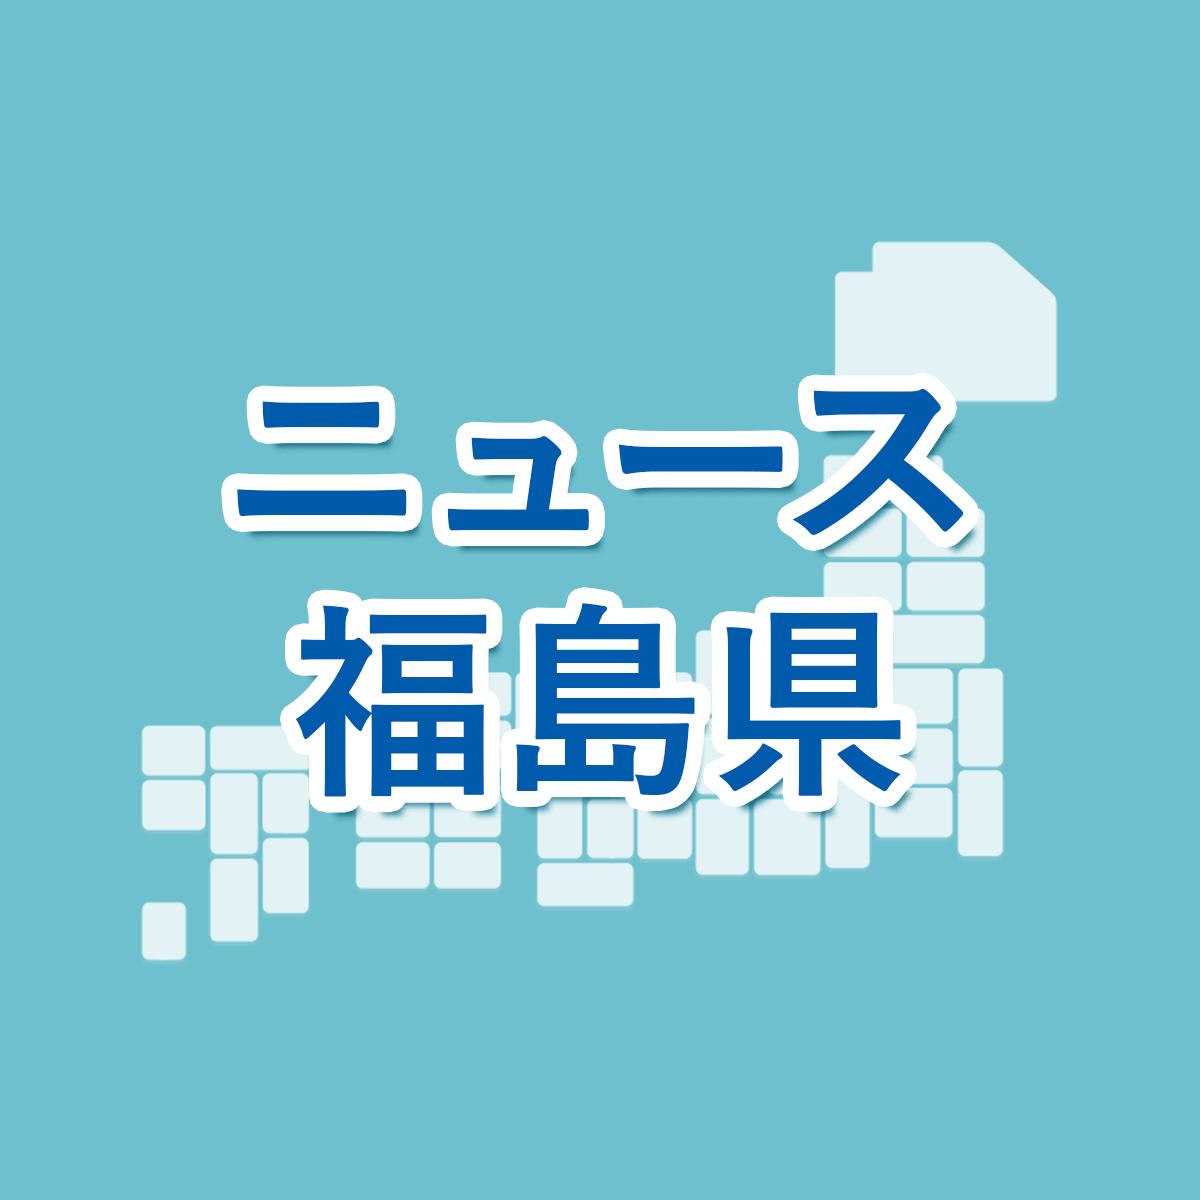 入試 高校 福島 県 福島県公立高校受験 入試制度・出題傾向 進研ゼミ